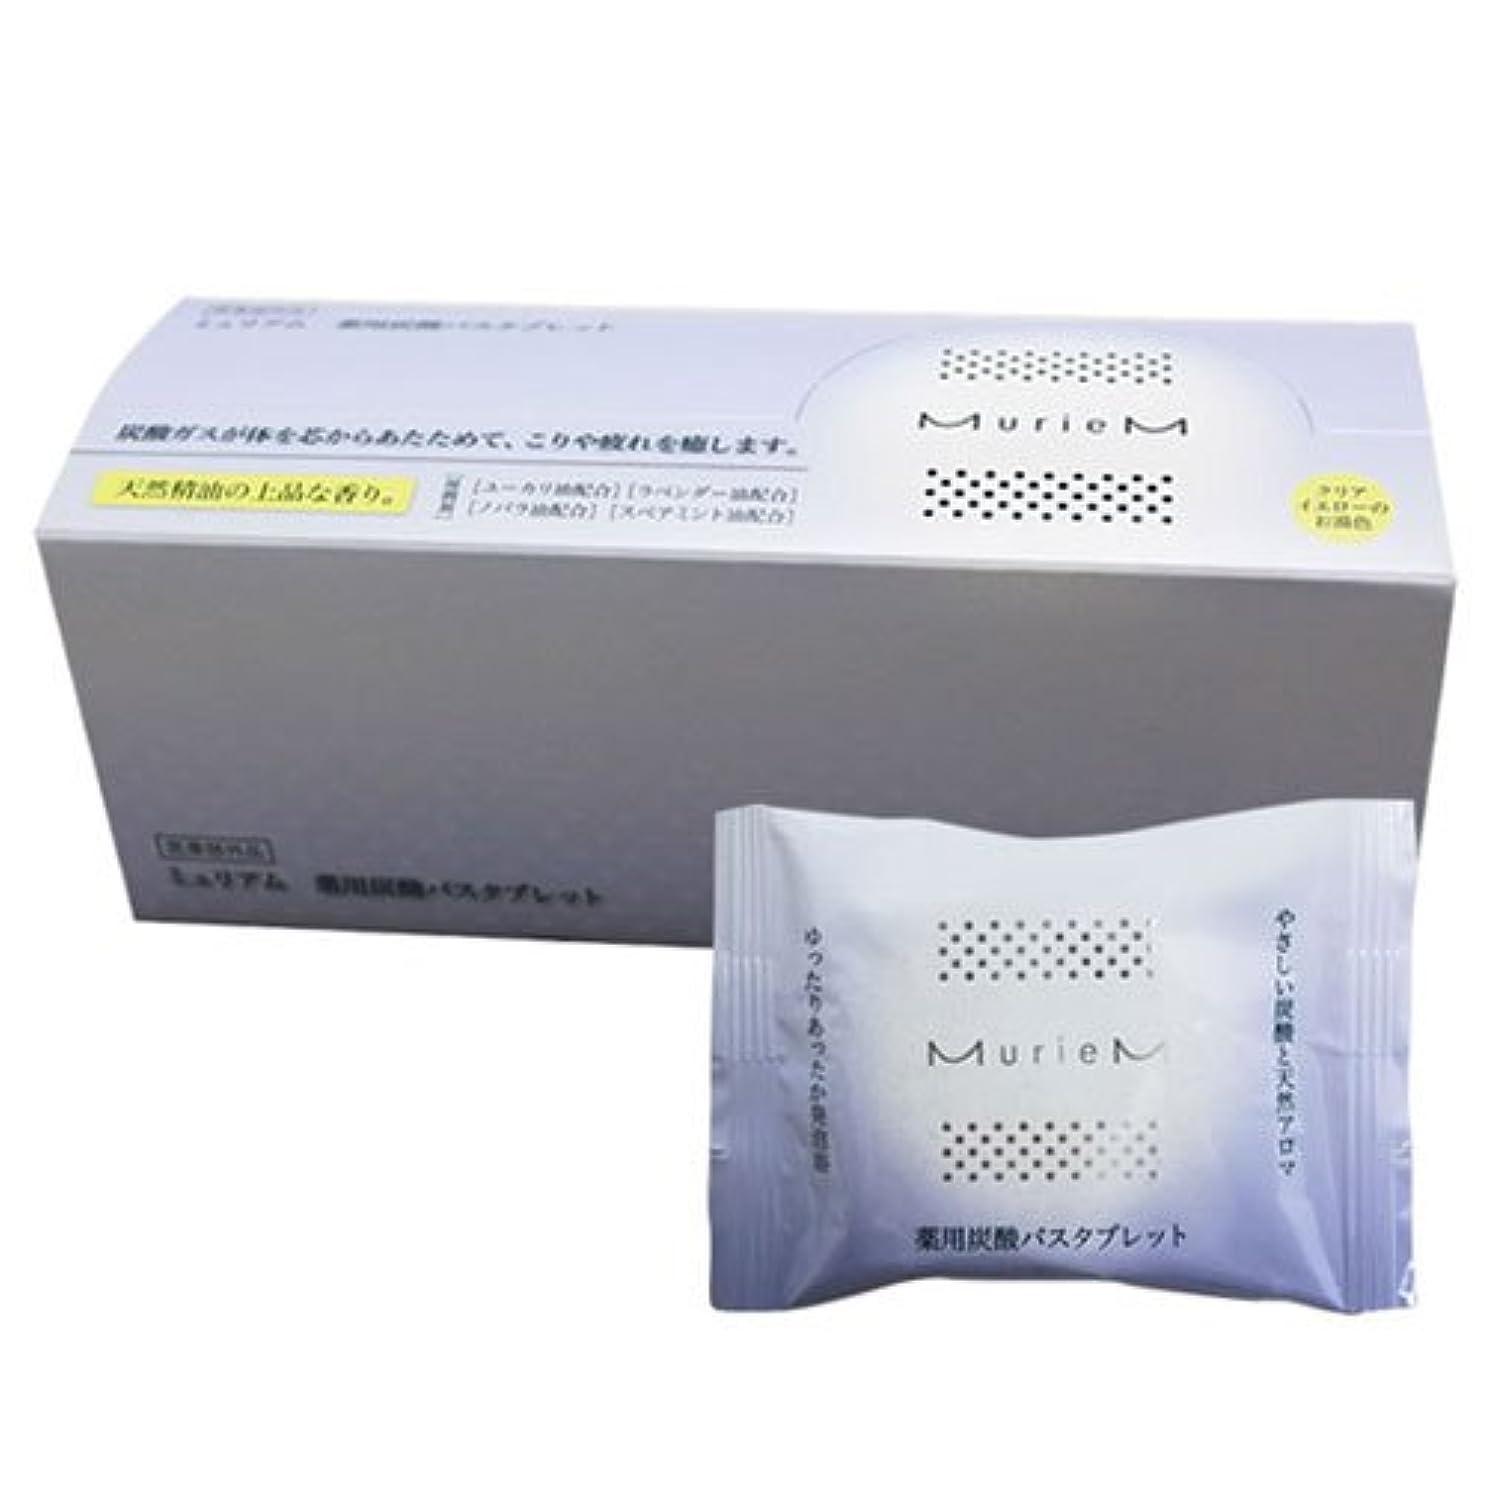 維持する障害ドキドキナンバースリー ミュリアム 薬用炭酸バスタブレット 30g×10包 [医薬部外品]